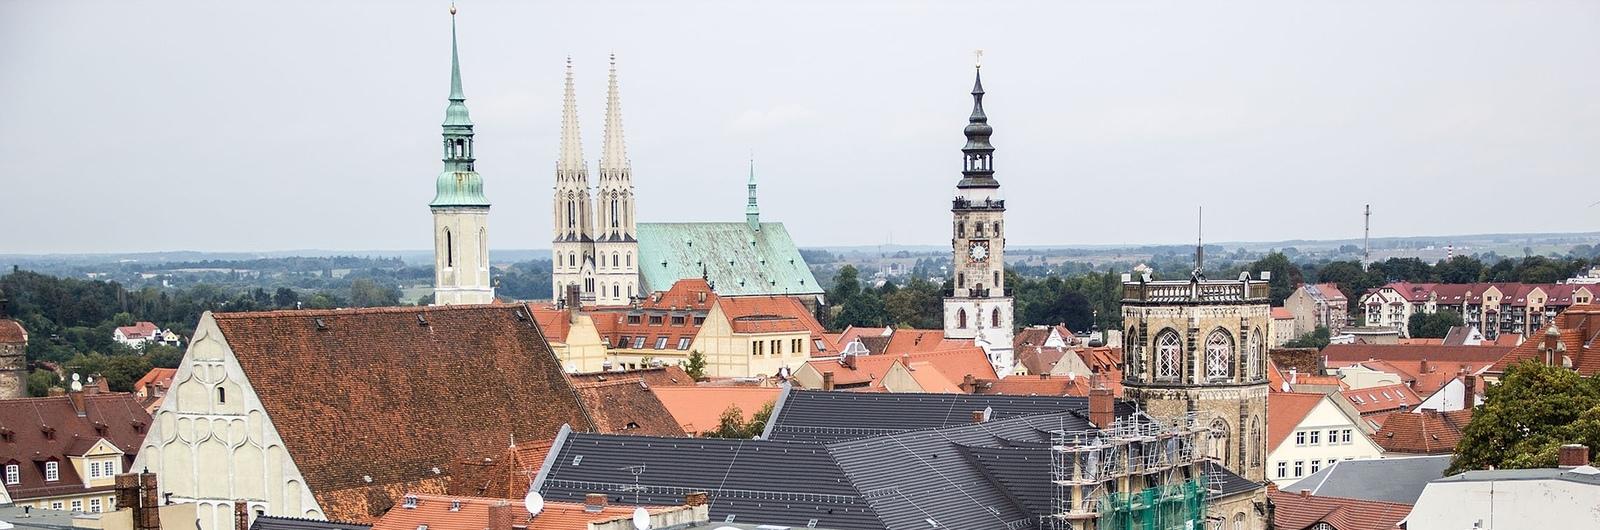 goerlitz city header